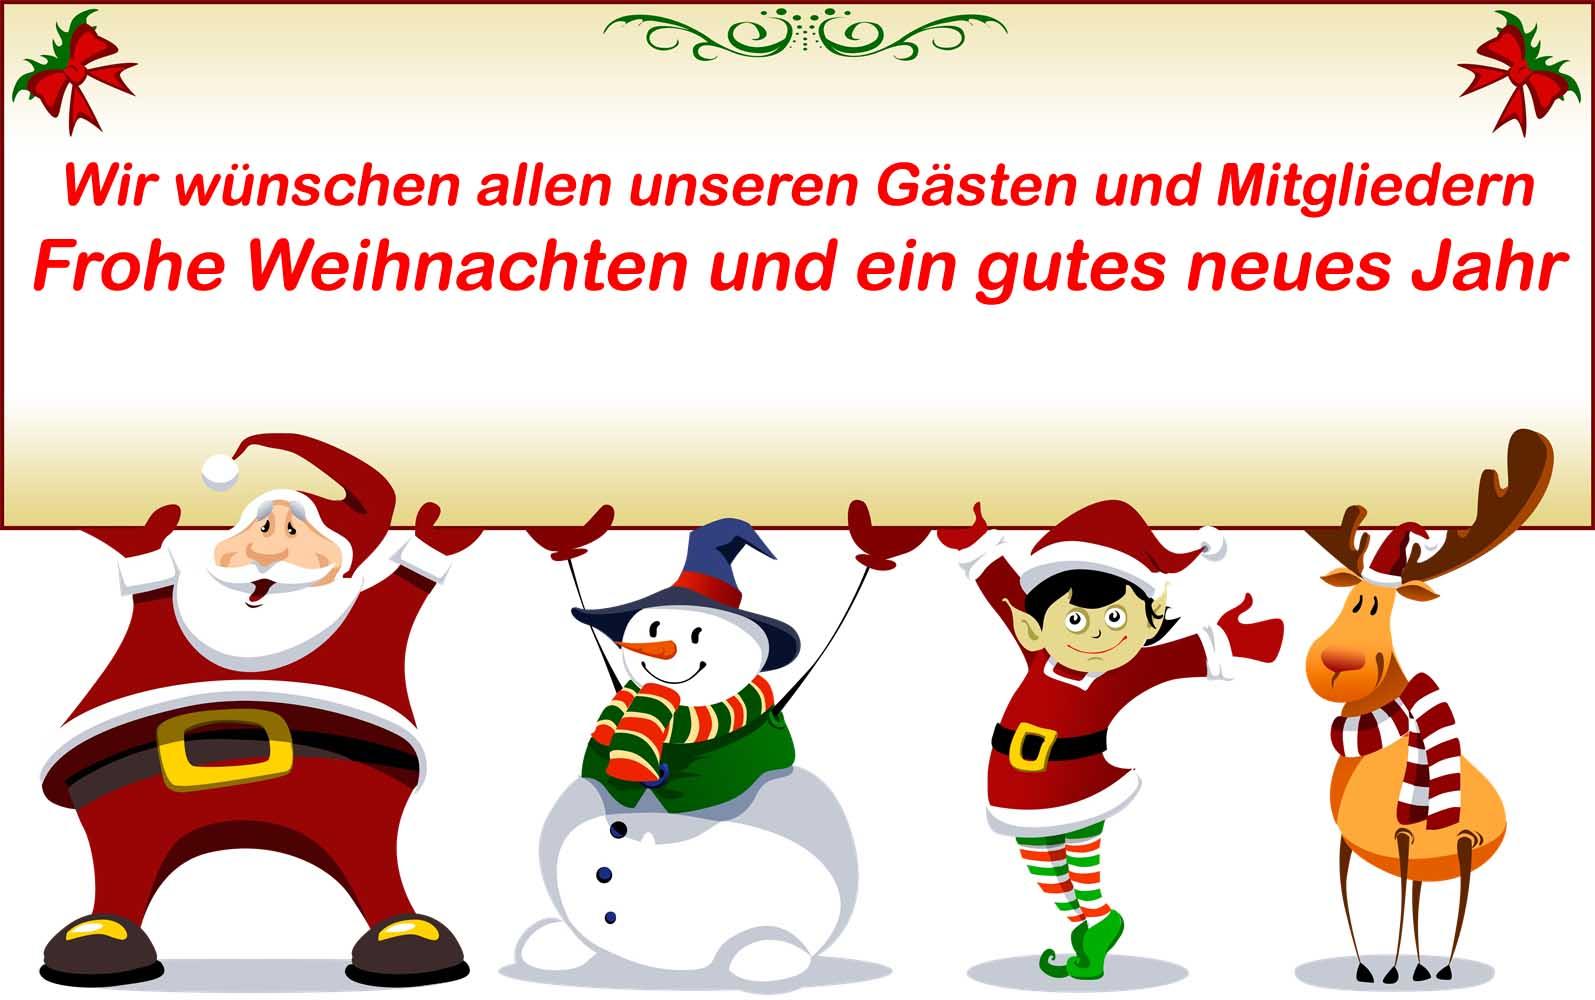 Julebanner_DE